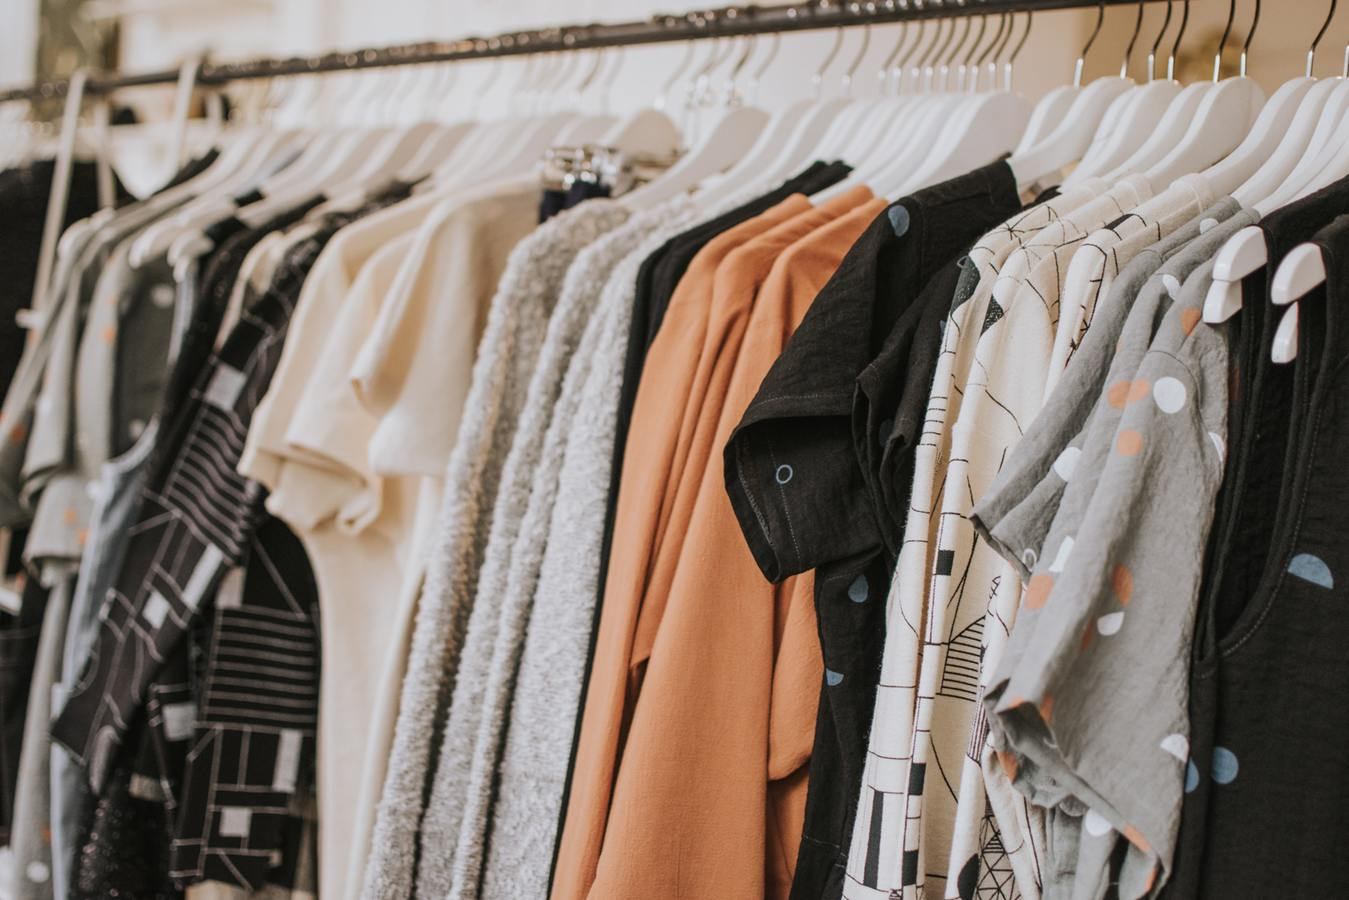 Riel de ropa